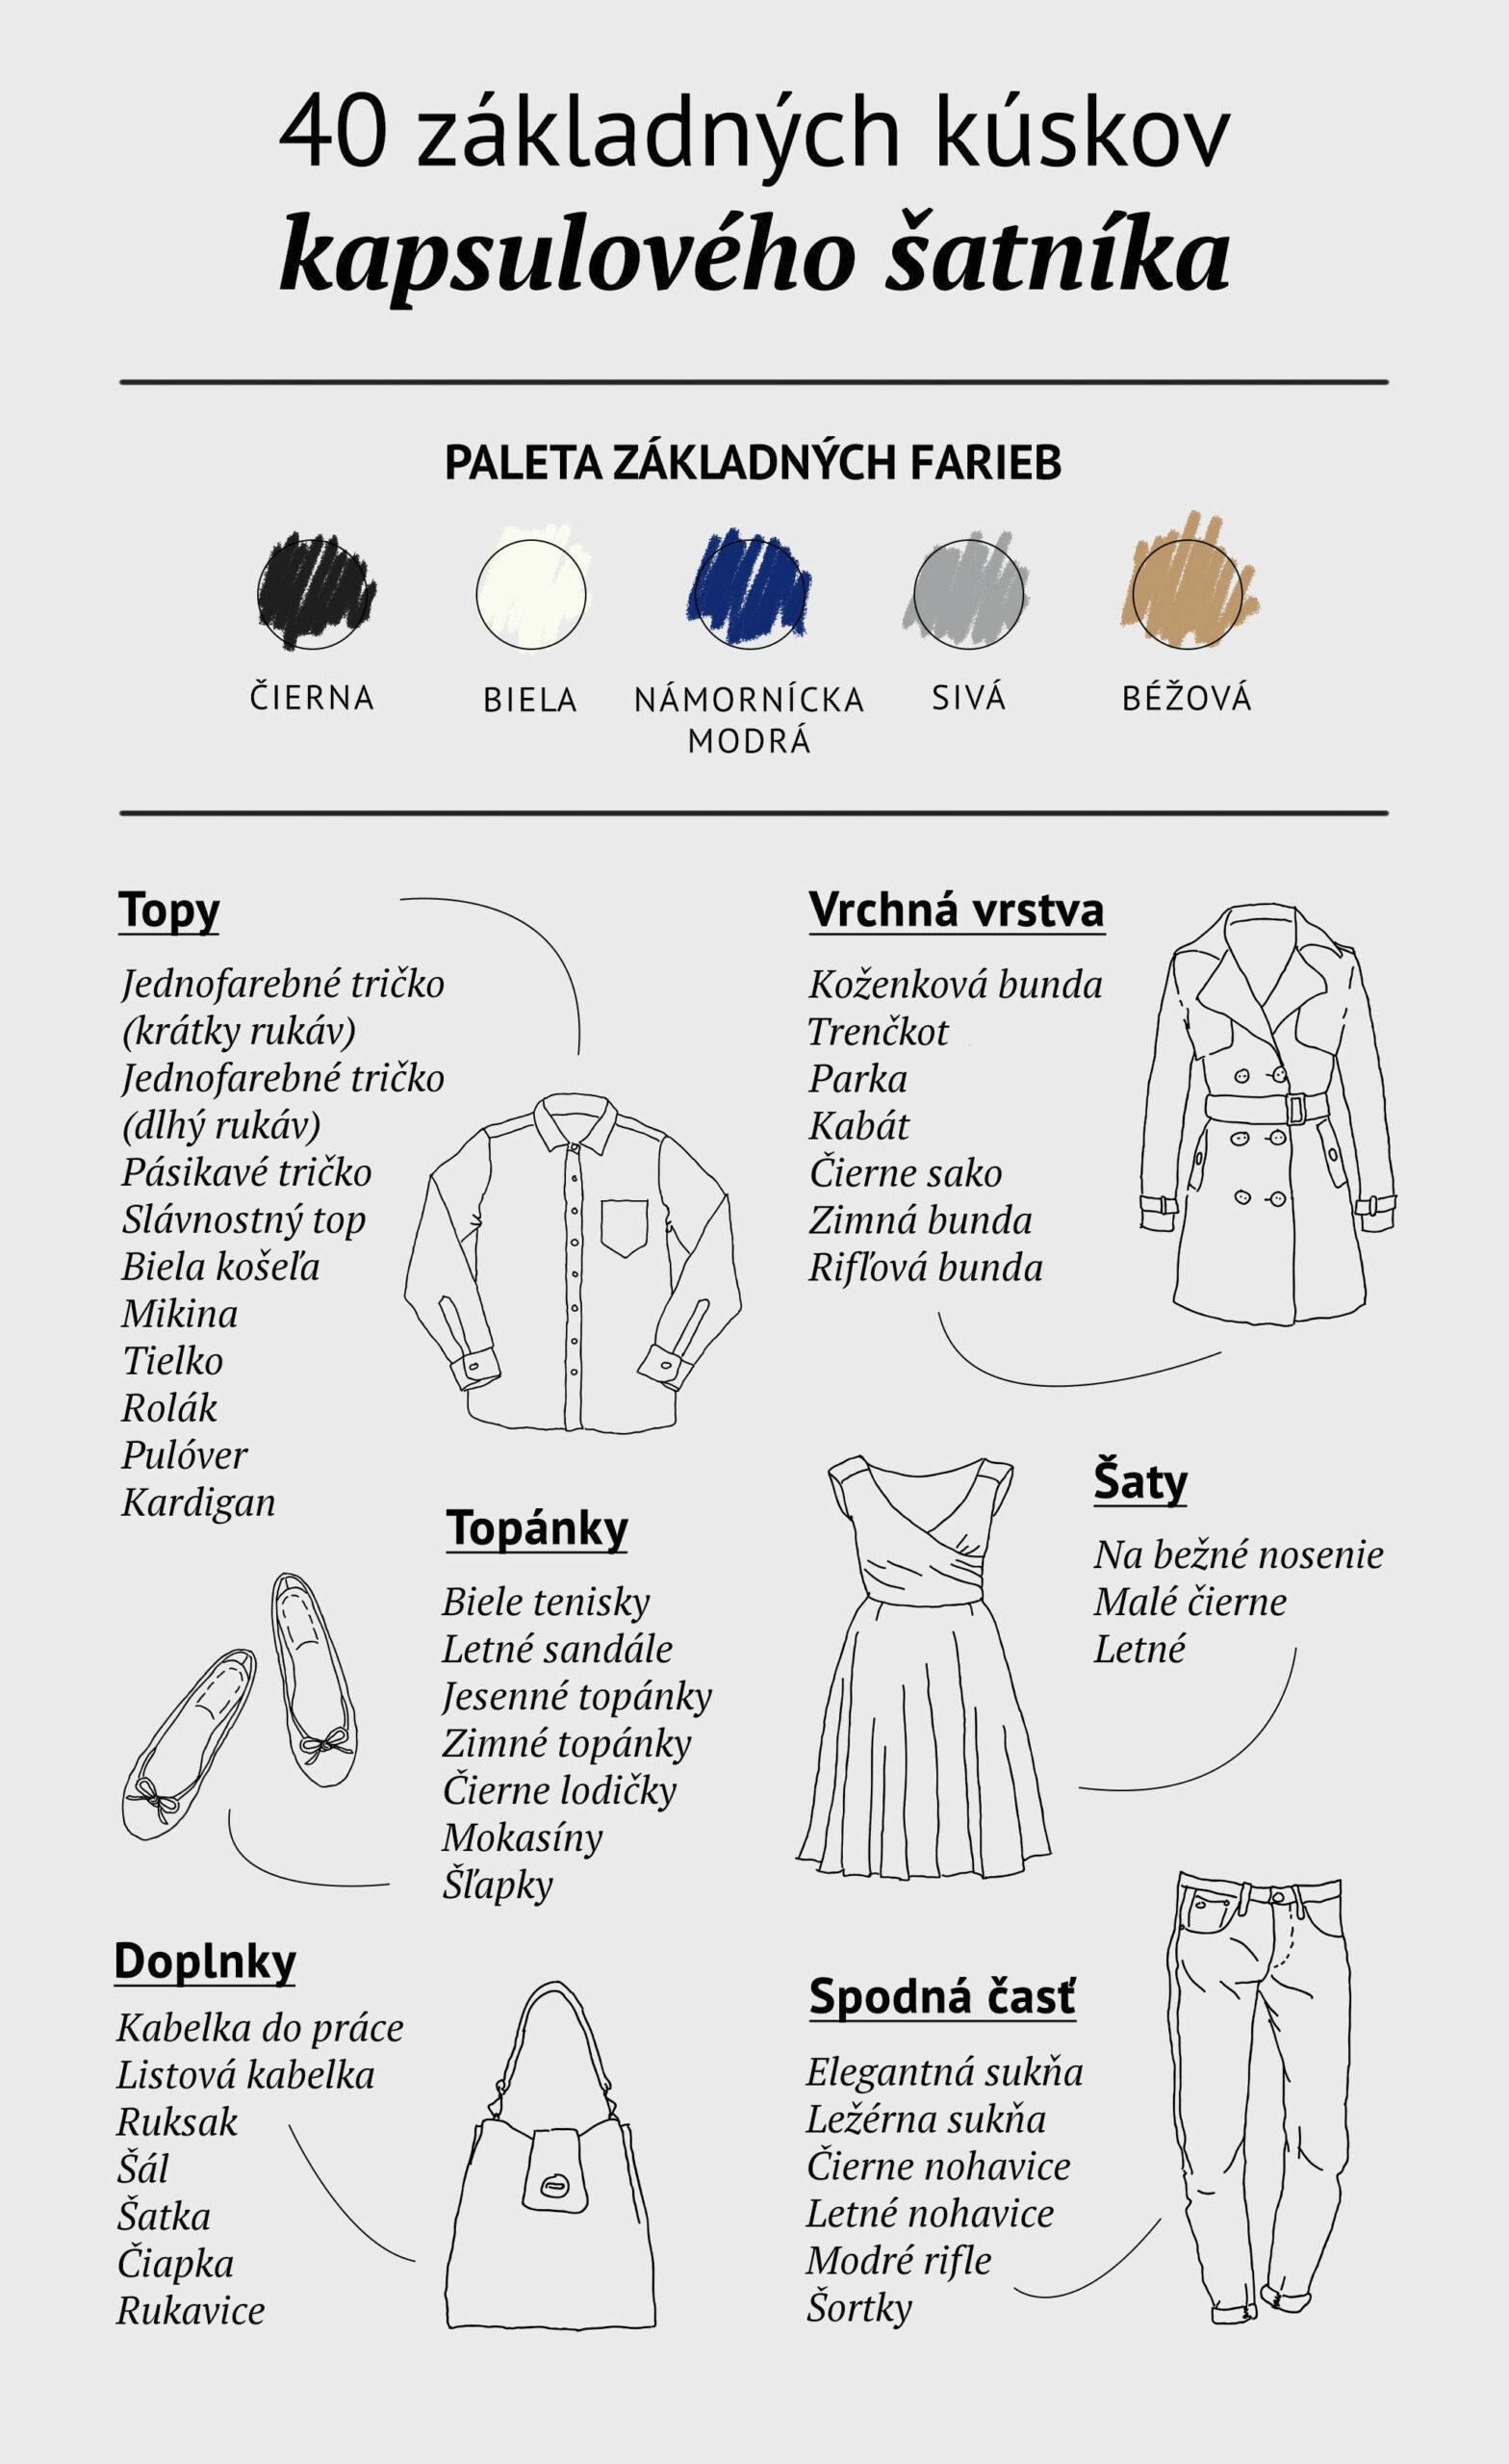 kapsulový šatník tipy